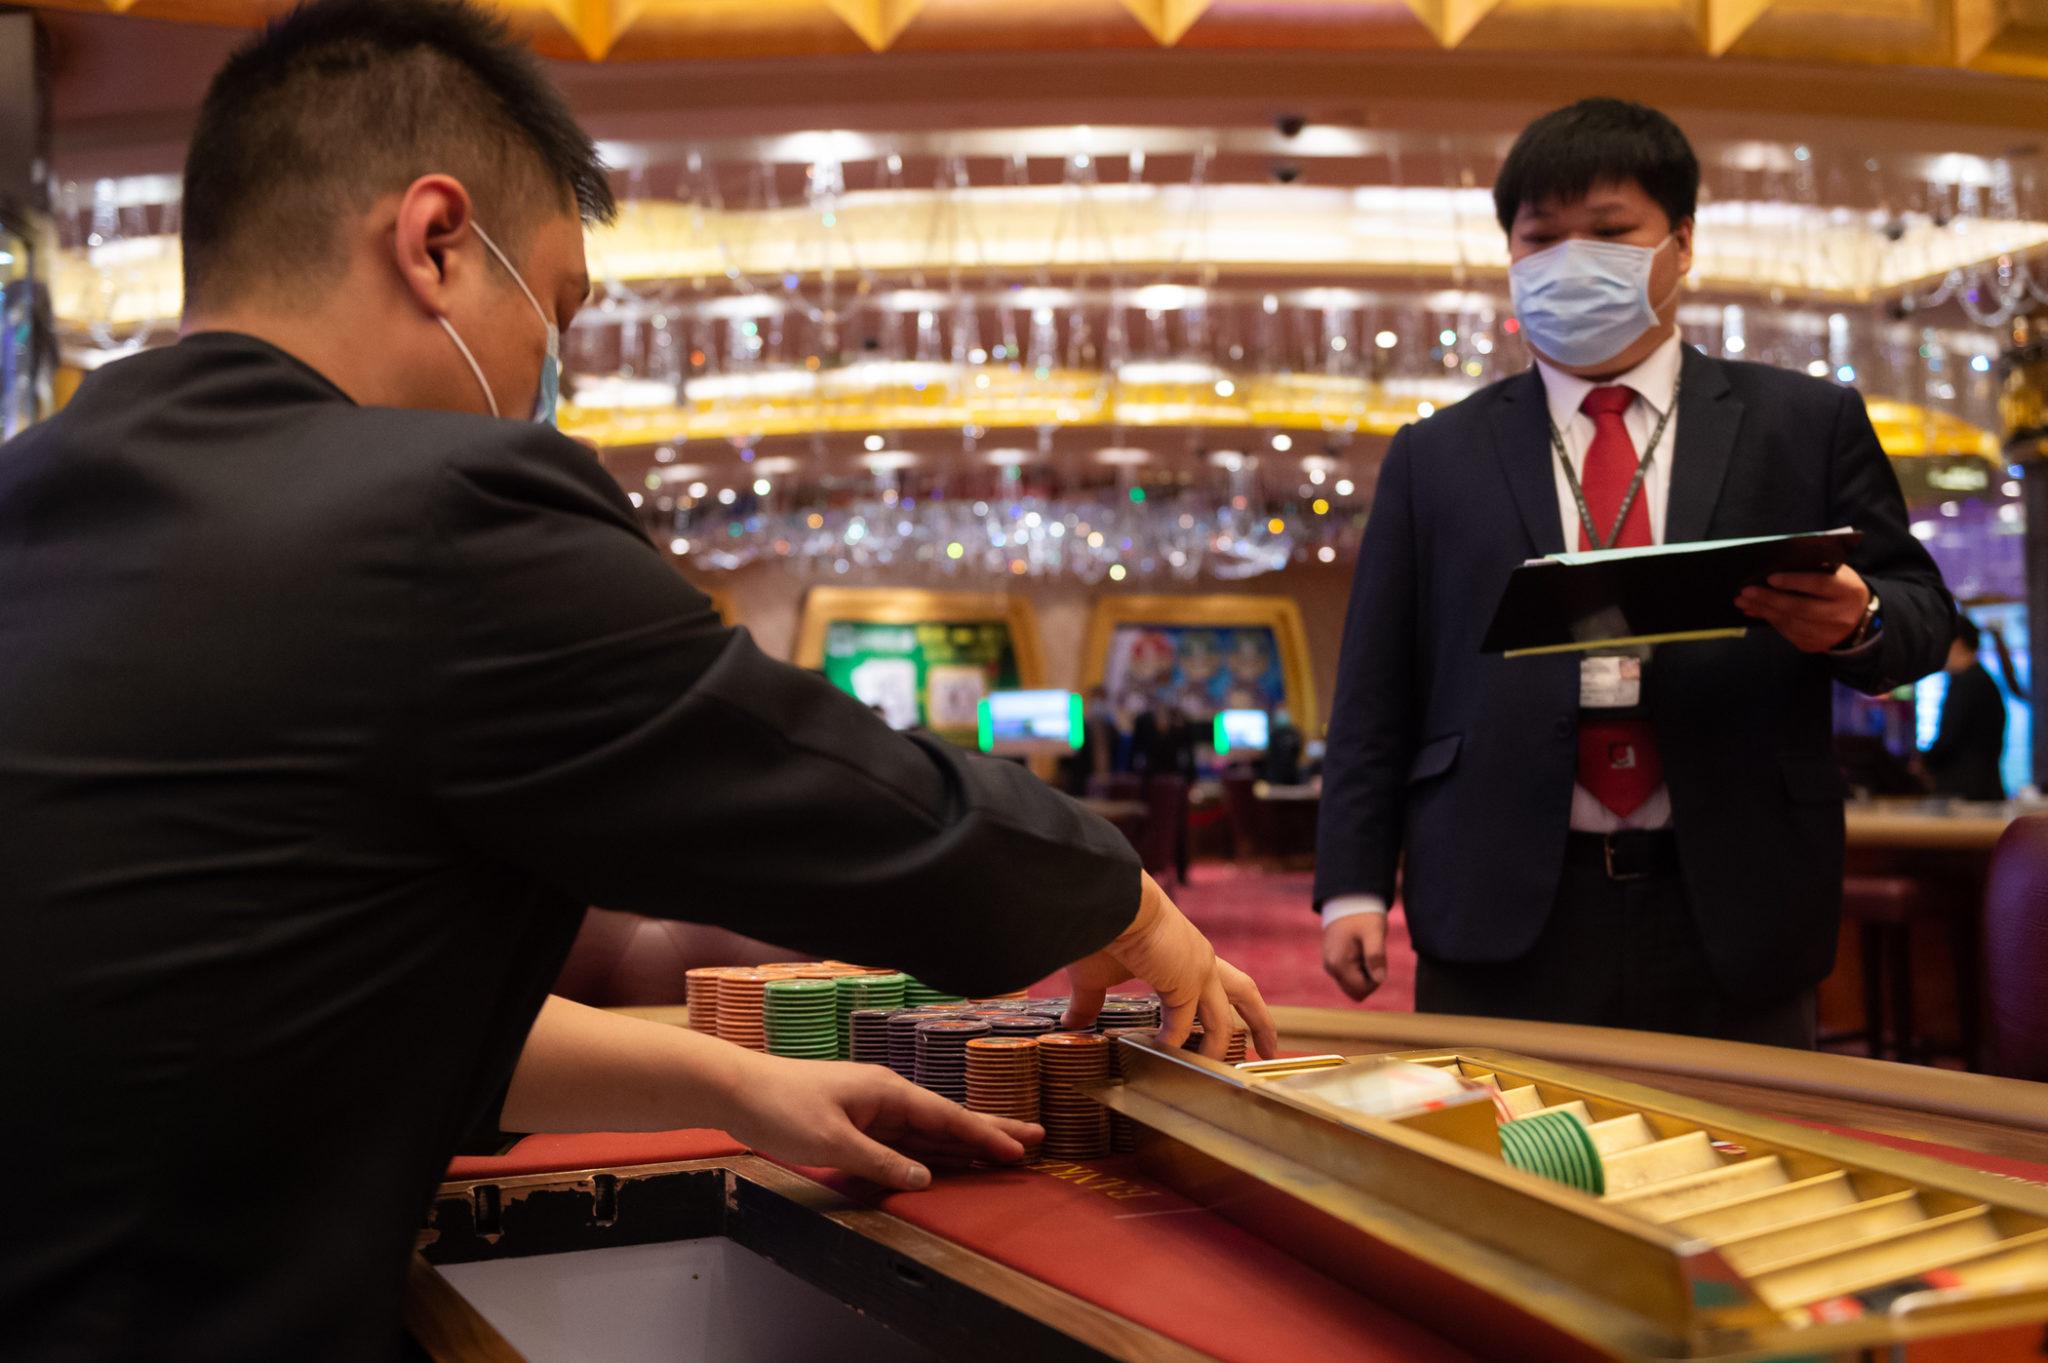 Pandemia | Receita bruta de jogo deve cair para metade